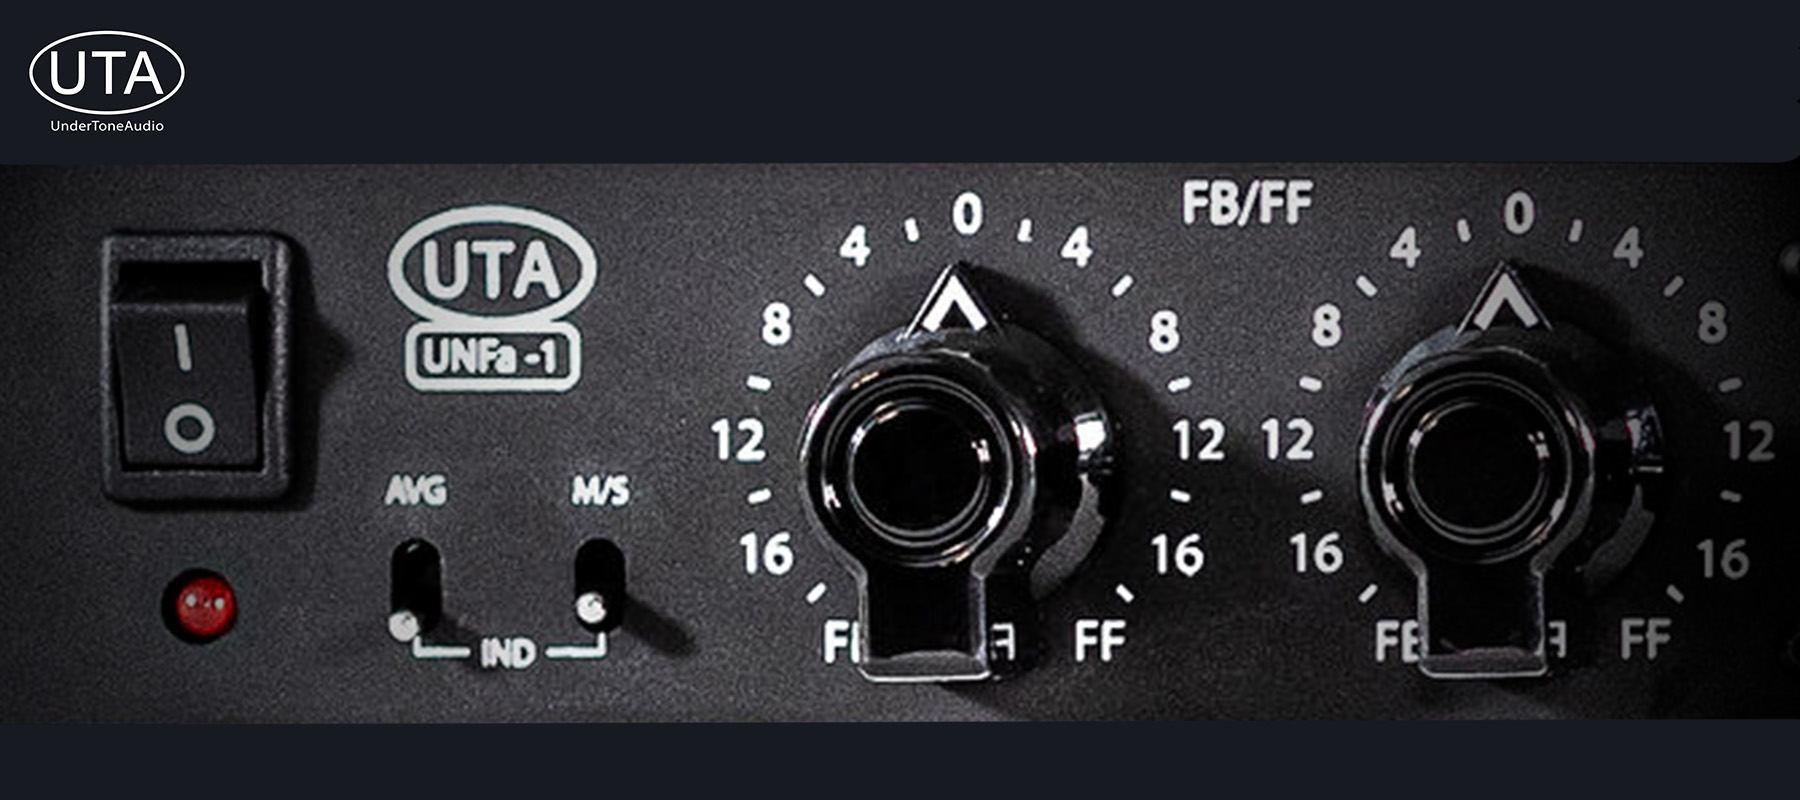 UTA UNFa-1 -  Zoom